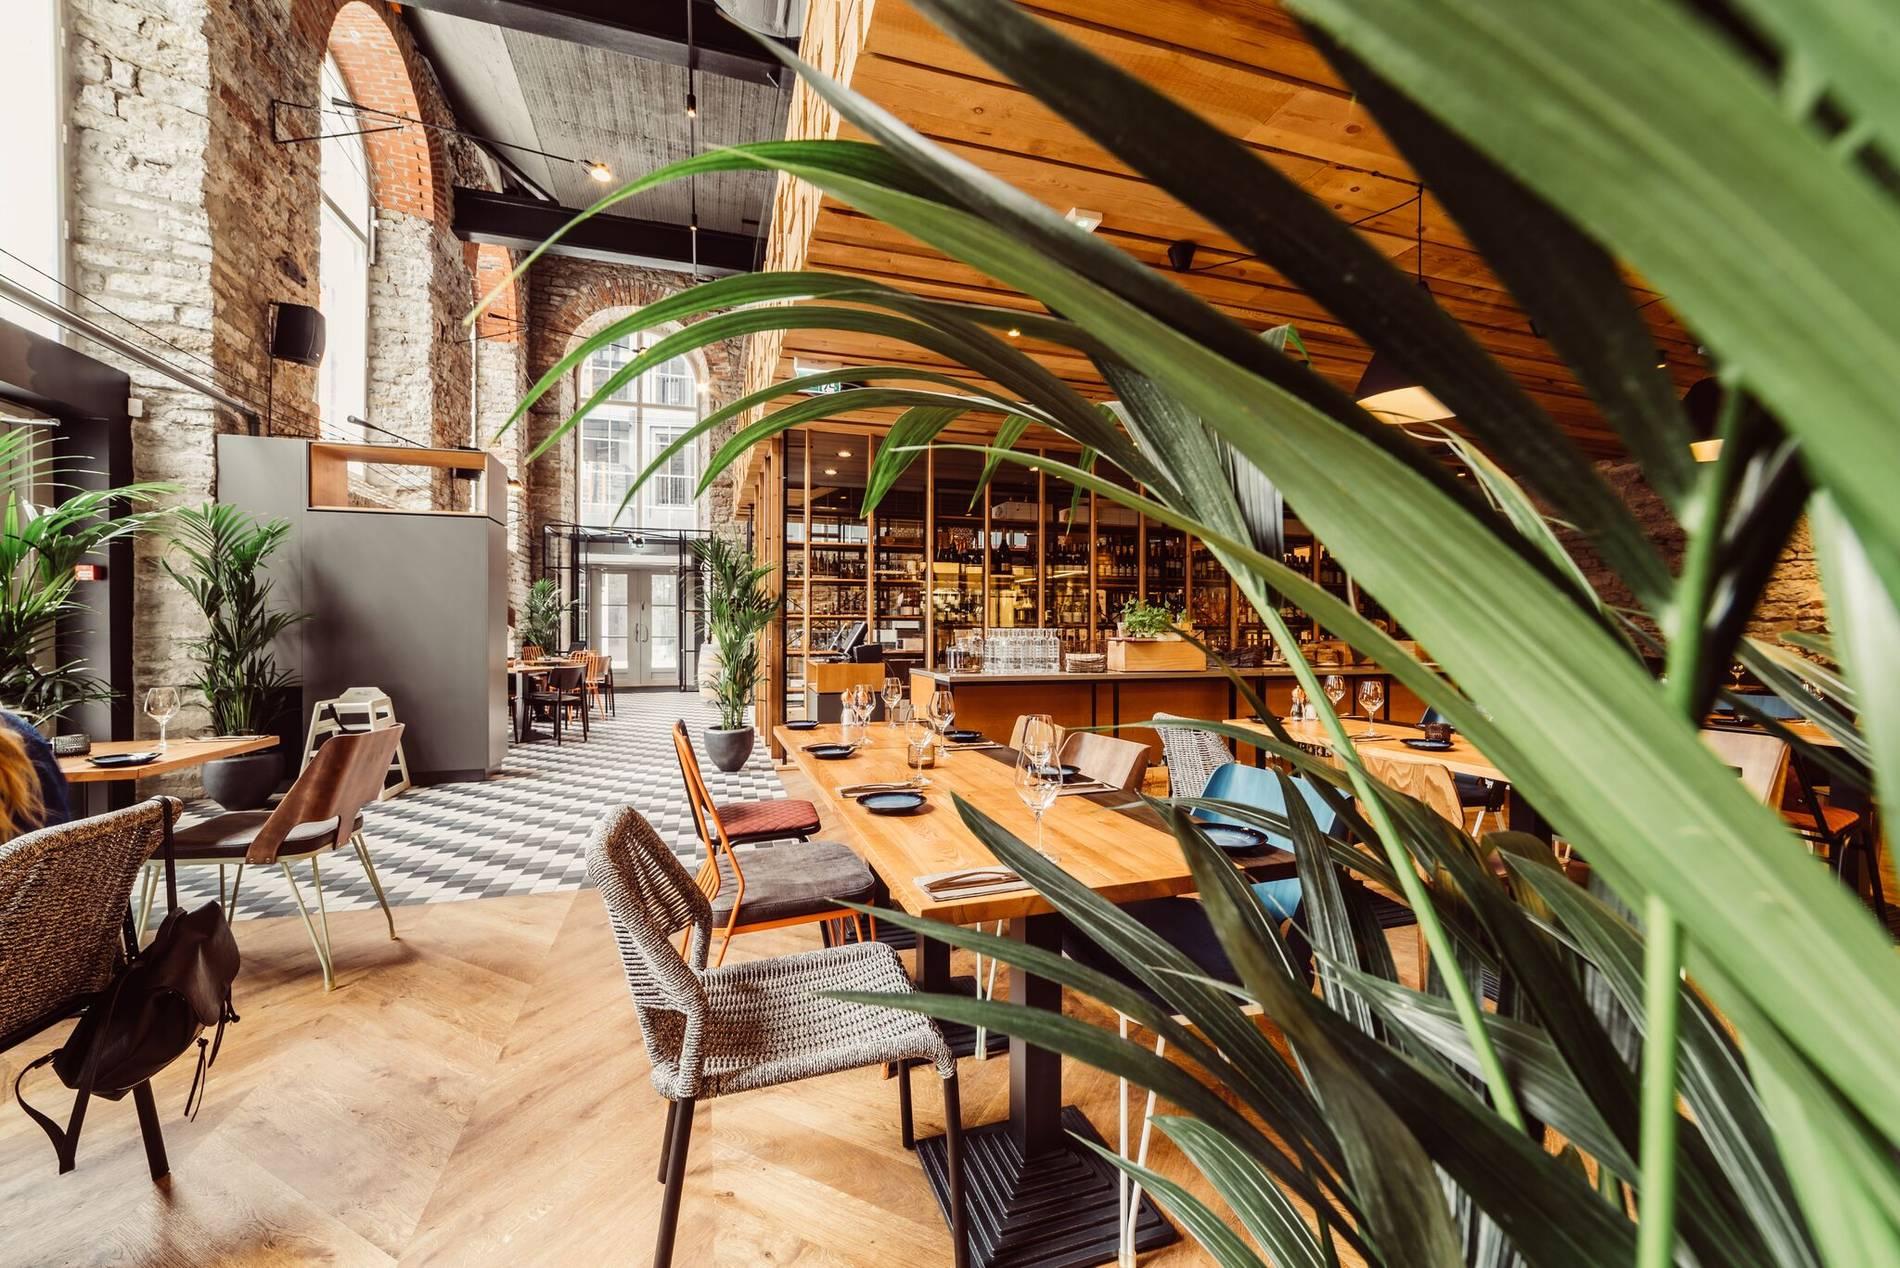 Restaurant R14 interior in Tallinn, Estonia